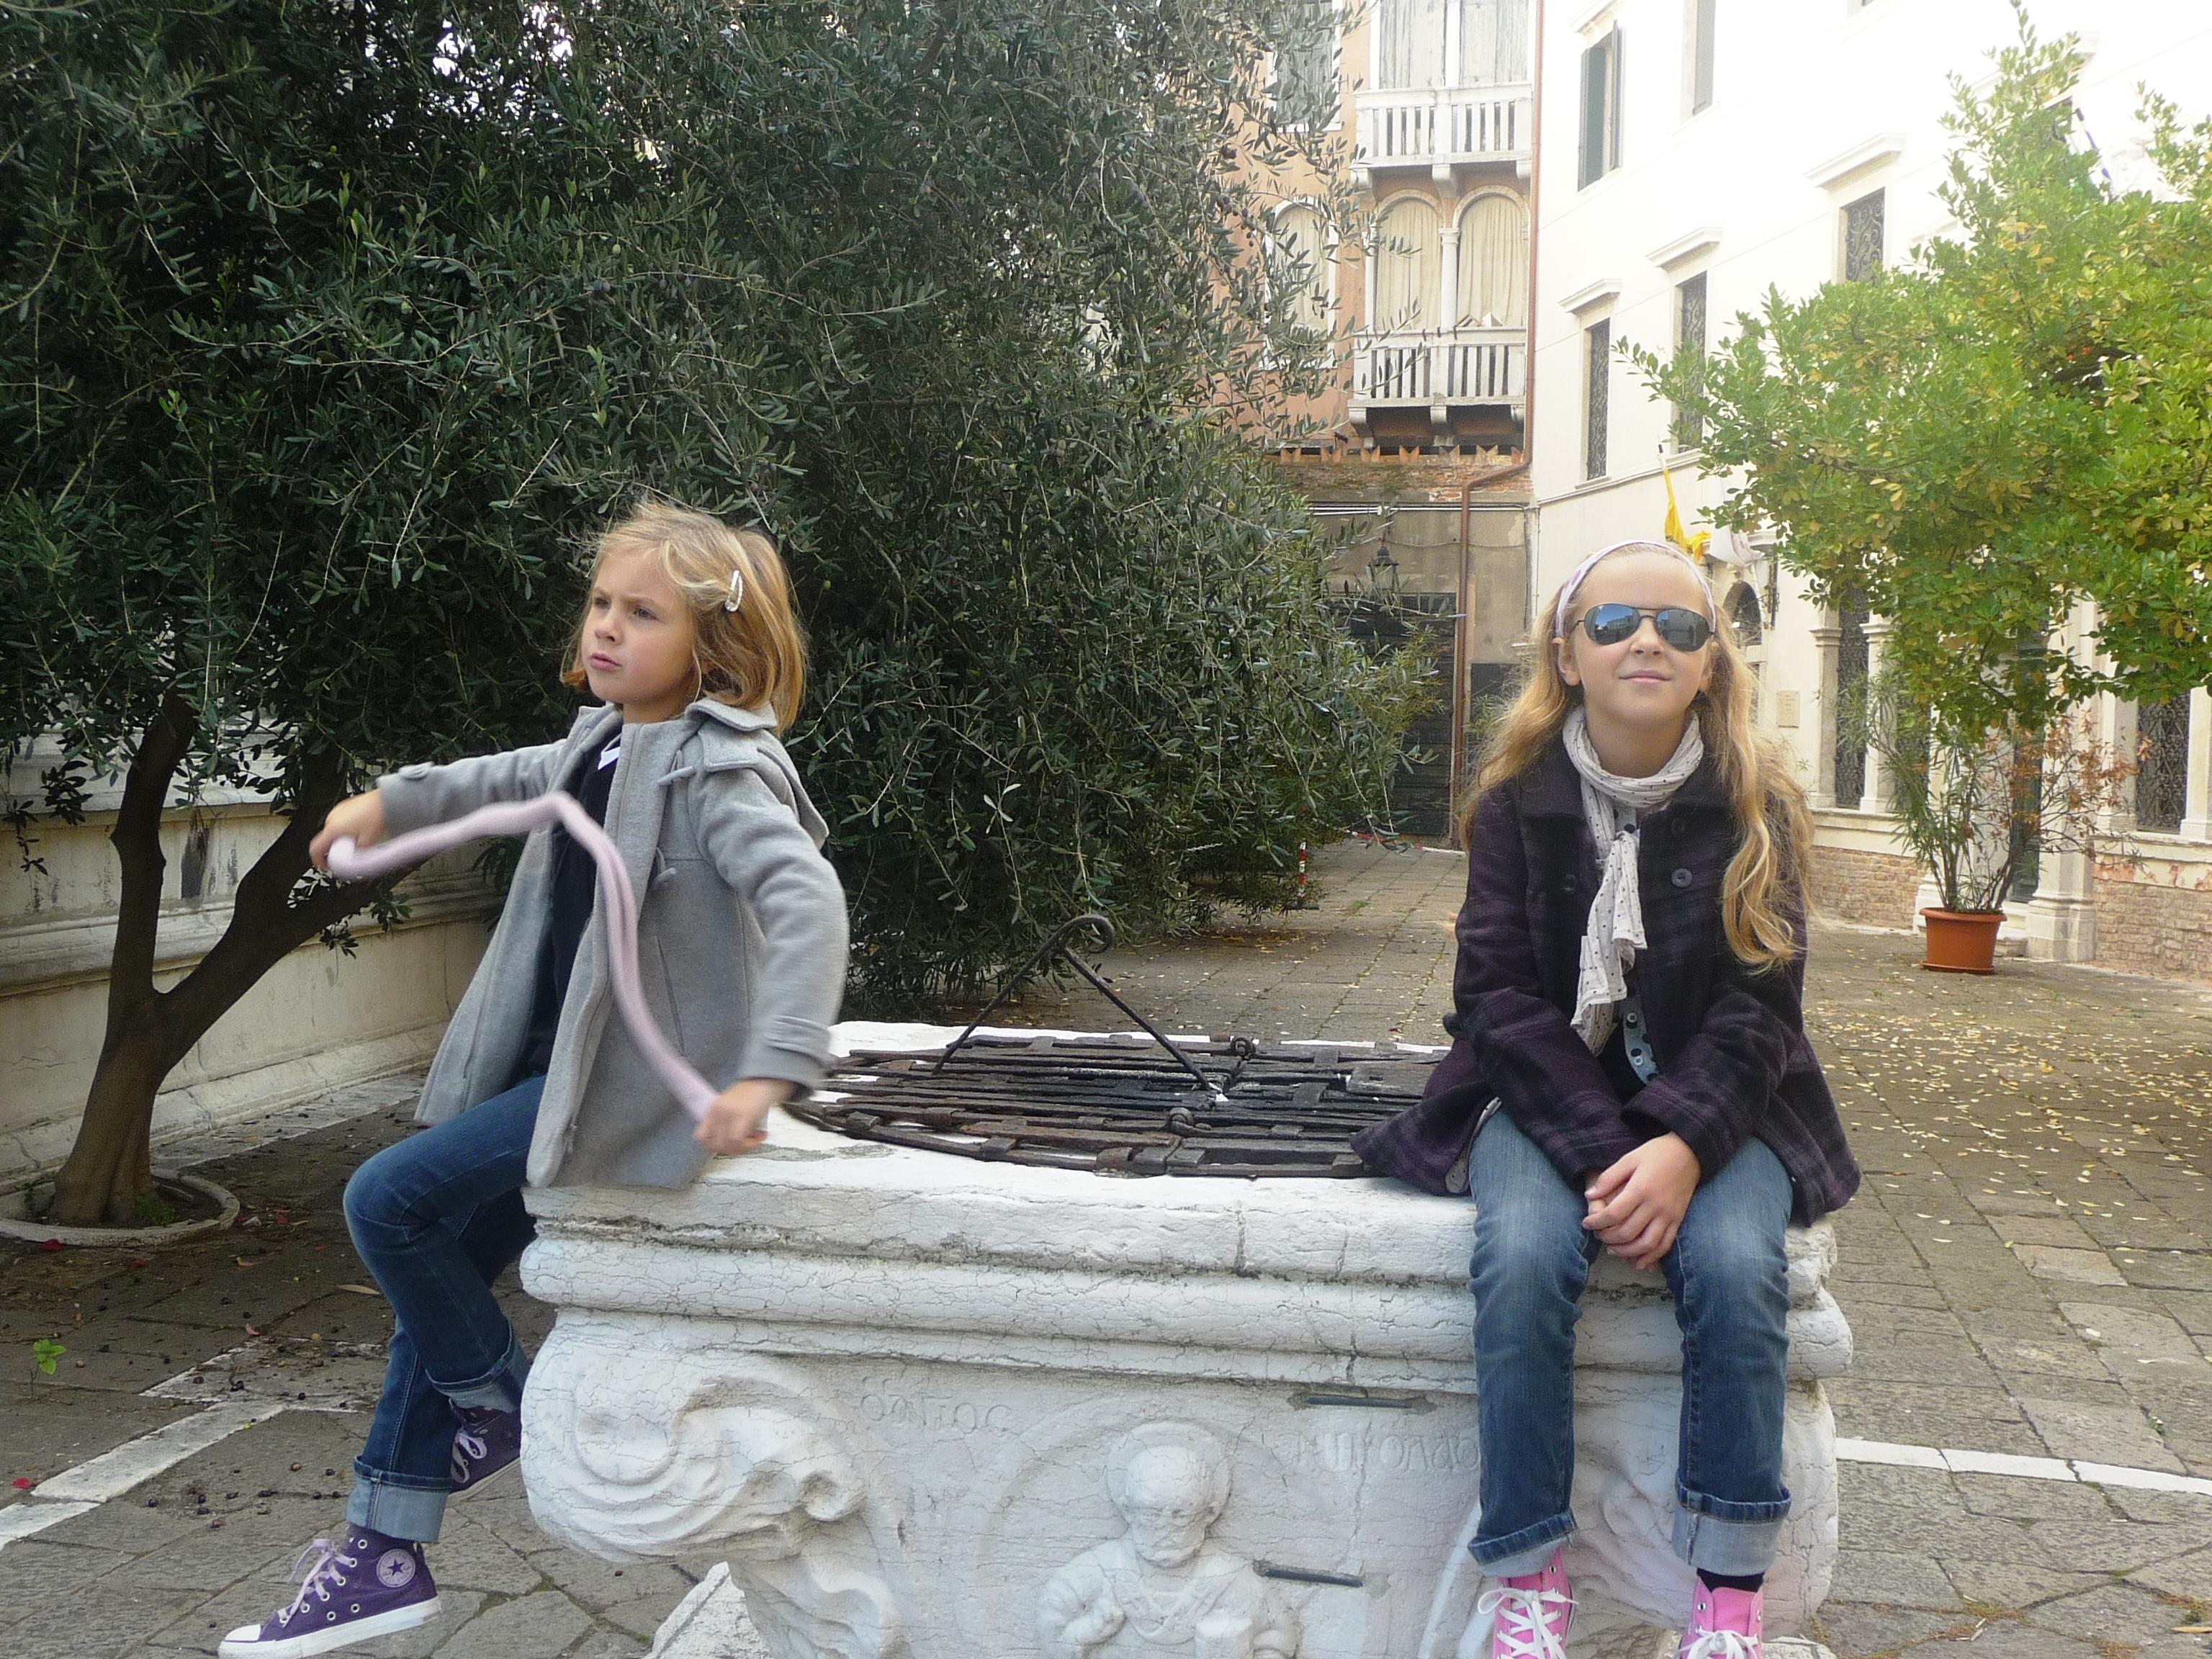 10 règles pour un voyage serein avec des enfants